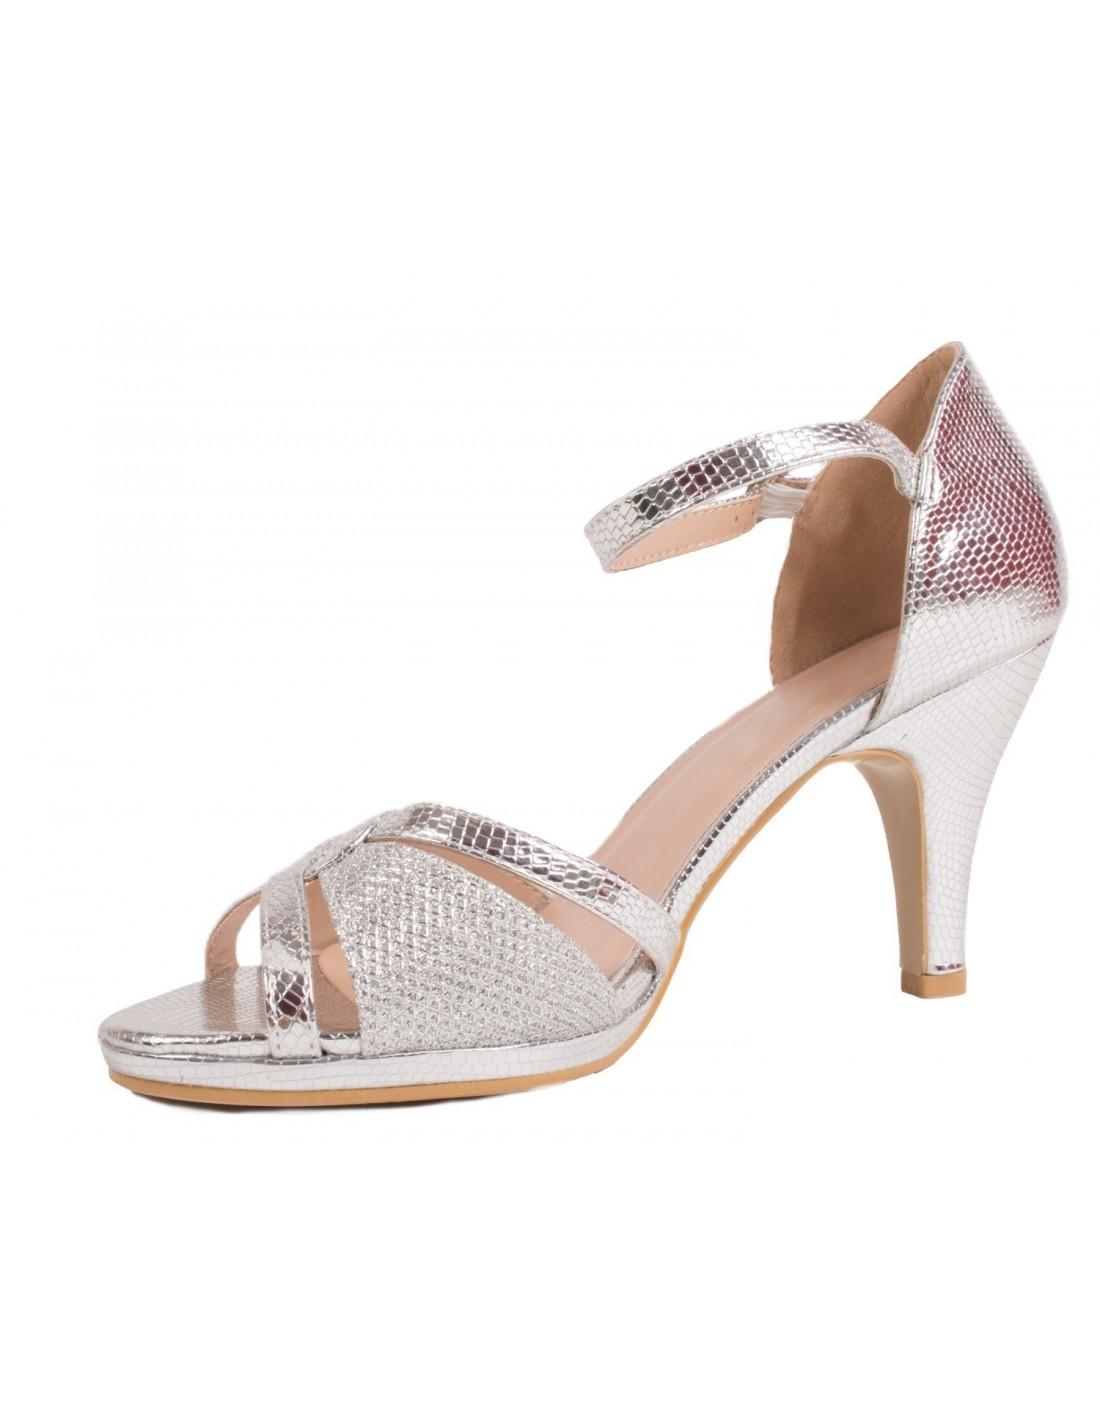 9e3d9dba604f0 Chaussures ceremonie mariage argentées femme type sandales argentées à petit  talon  u0026 bout ouvert ...